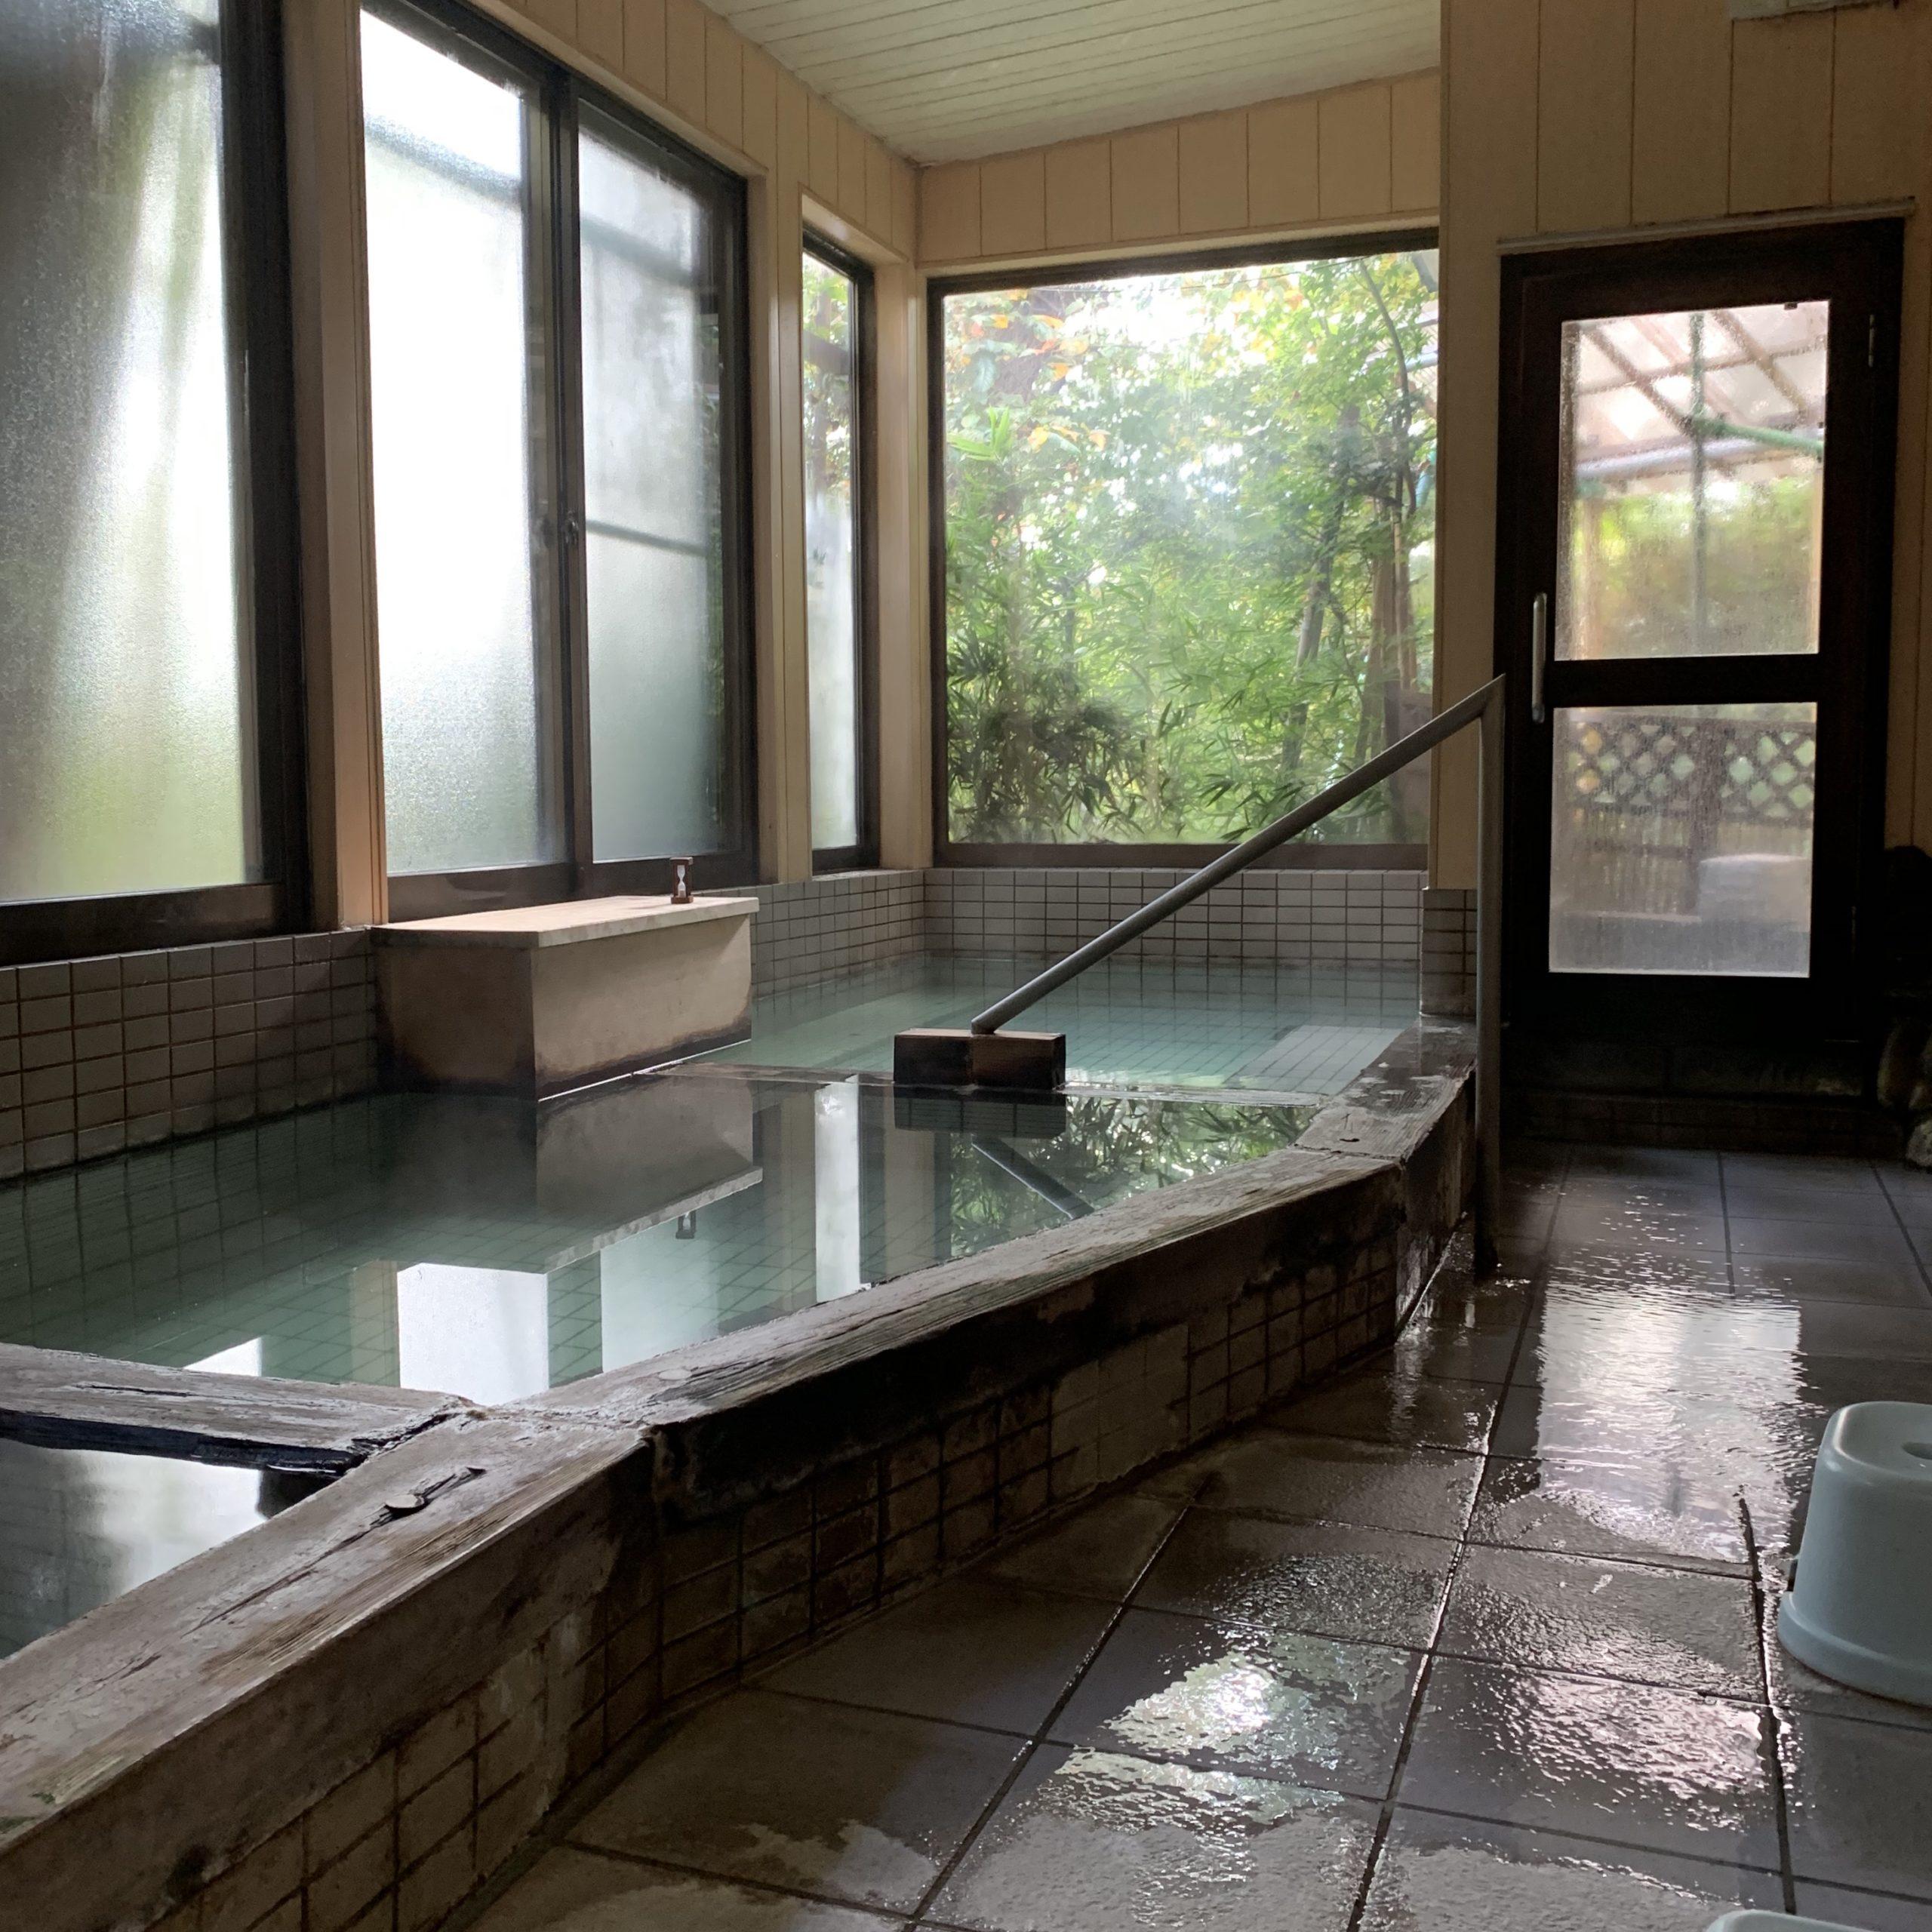 桐島屋旅館の温泉